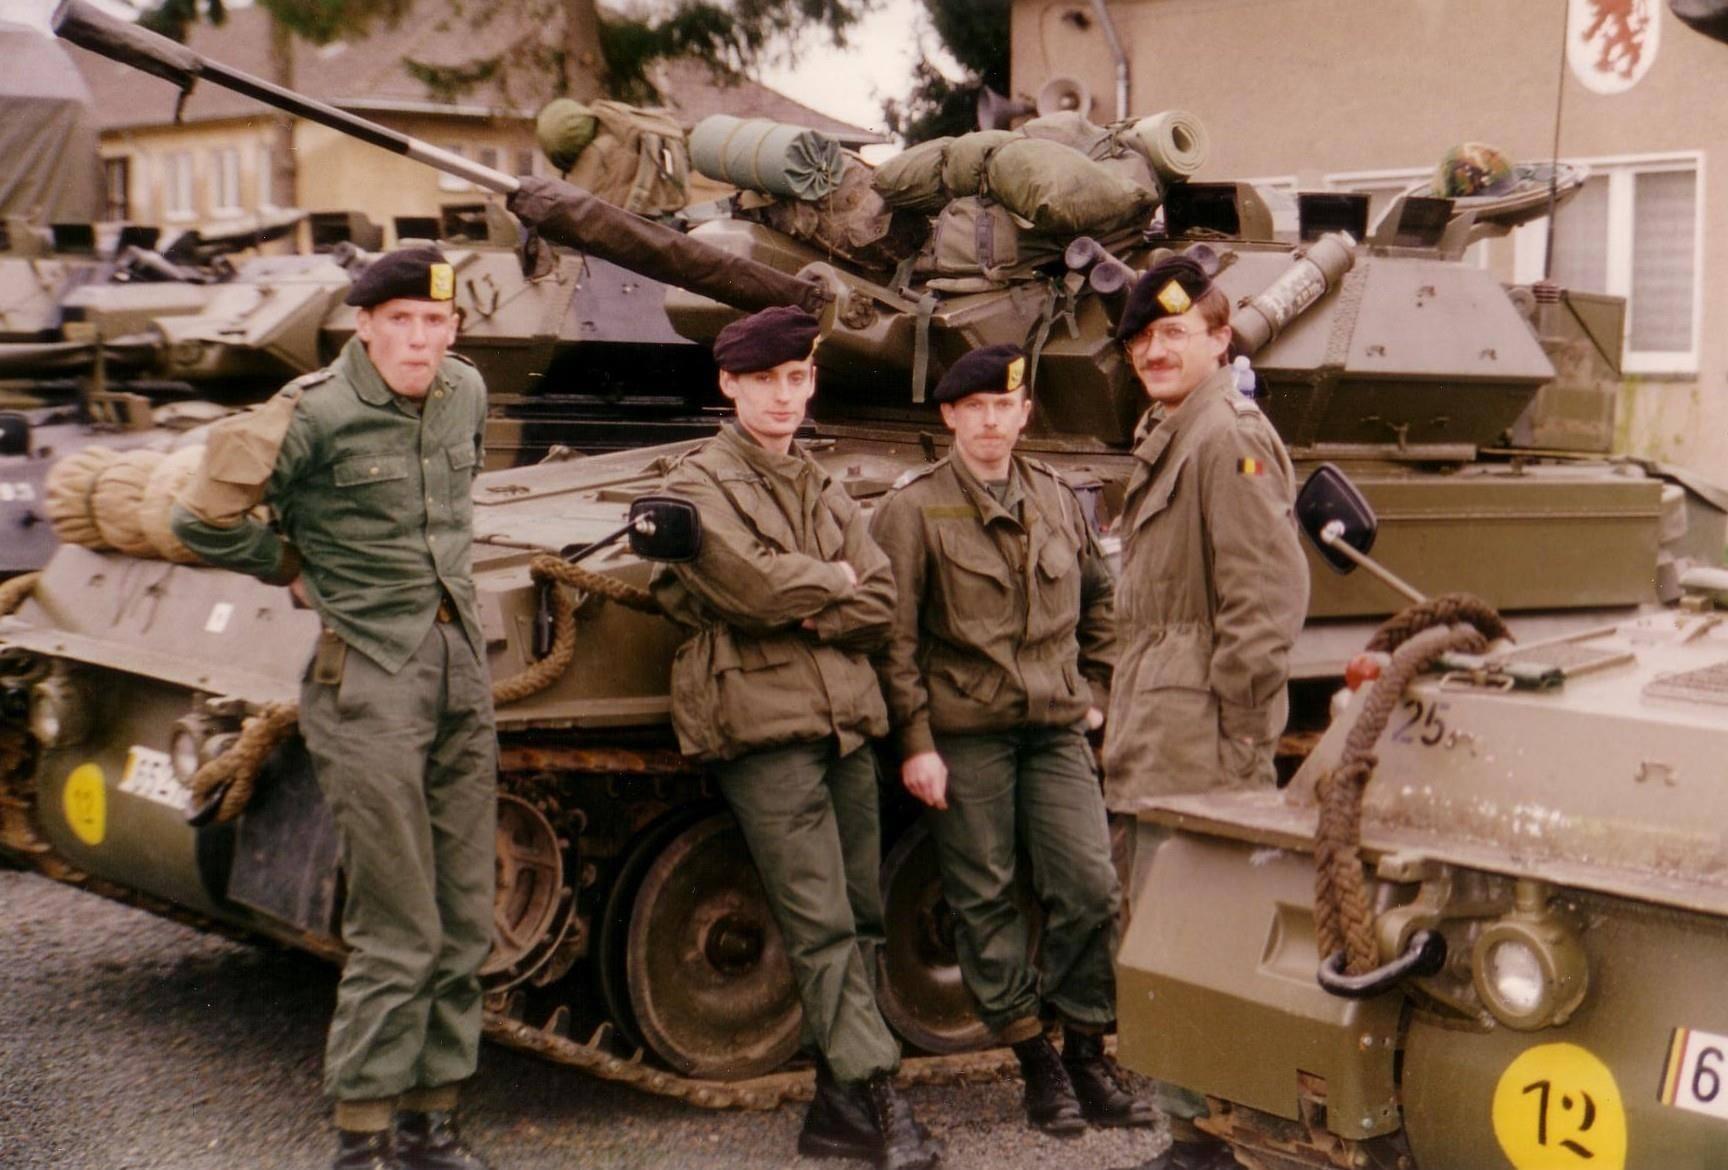 Réception des véhicules, munitions et briefing avant le départ. avec Tatton, Luc Rousseau et Joël